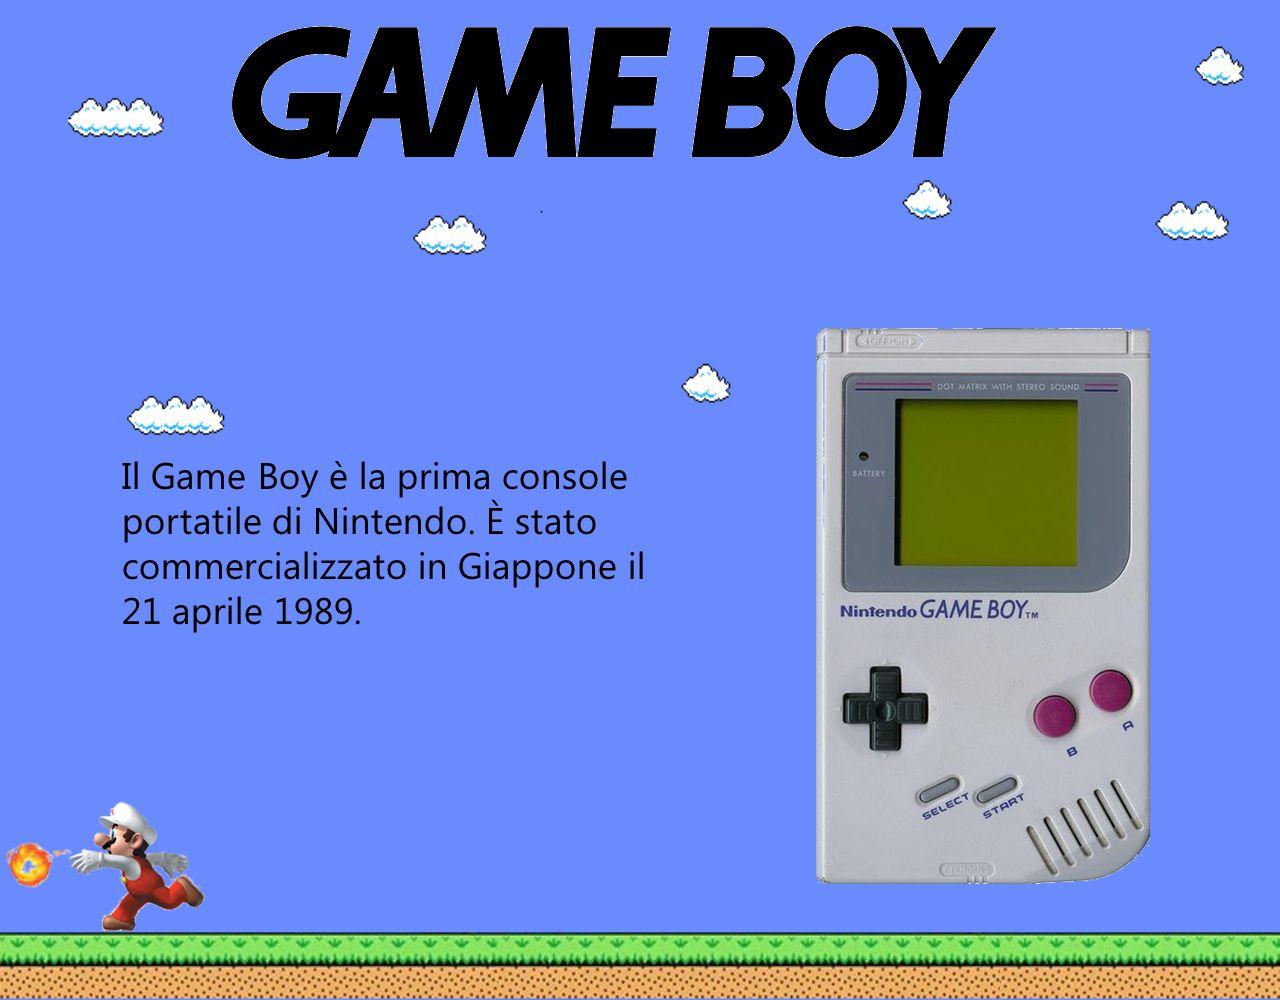 Il Game Boy è la prima console portatile di Nintendo. È stato commercializzato in Giappone il 21 aprile 1989.